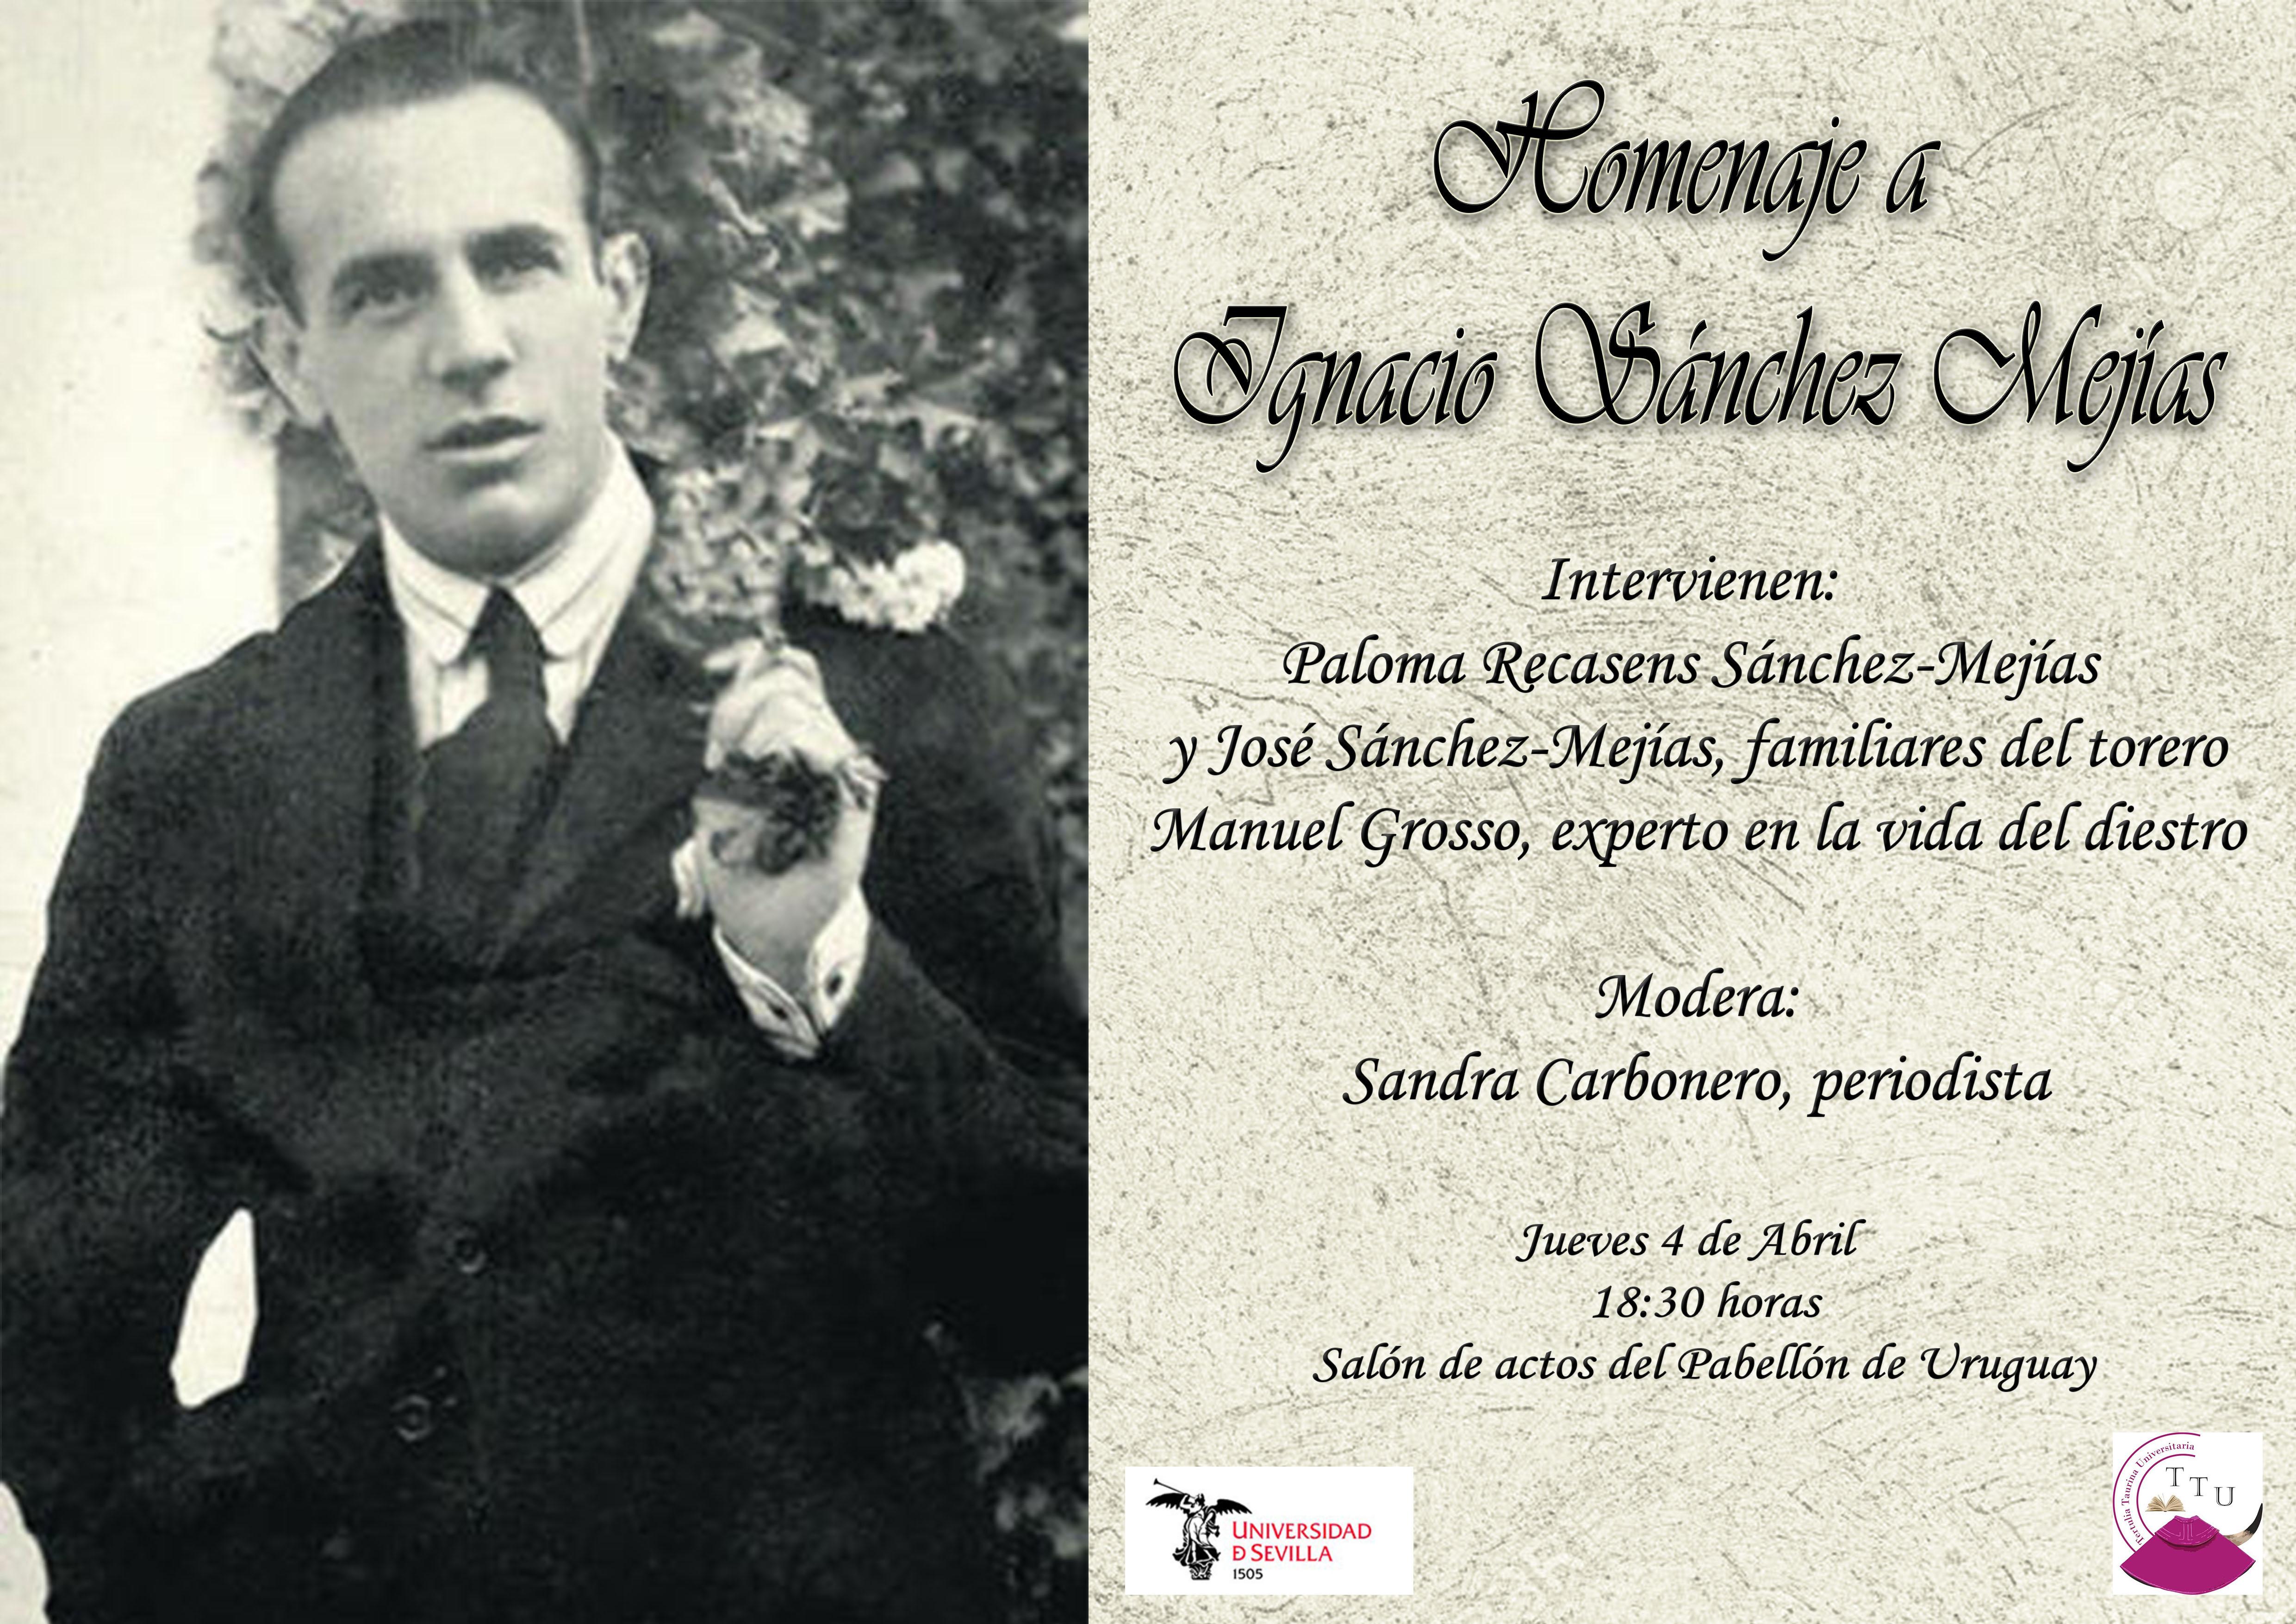 Homenaje a Ignacio Sánchez Mejías